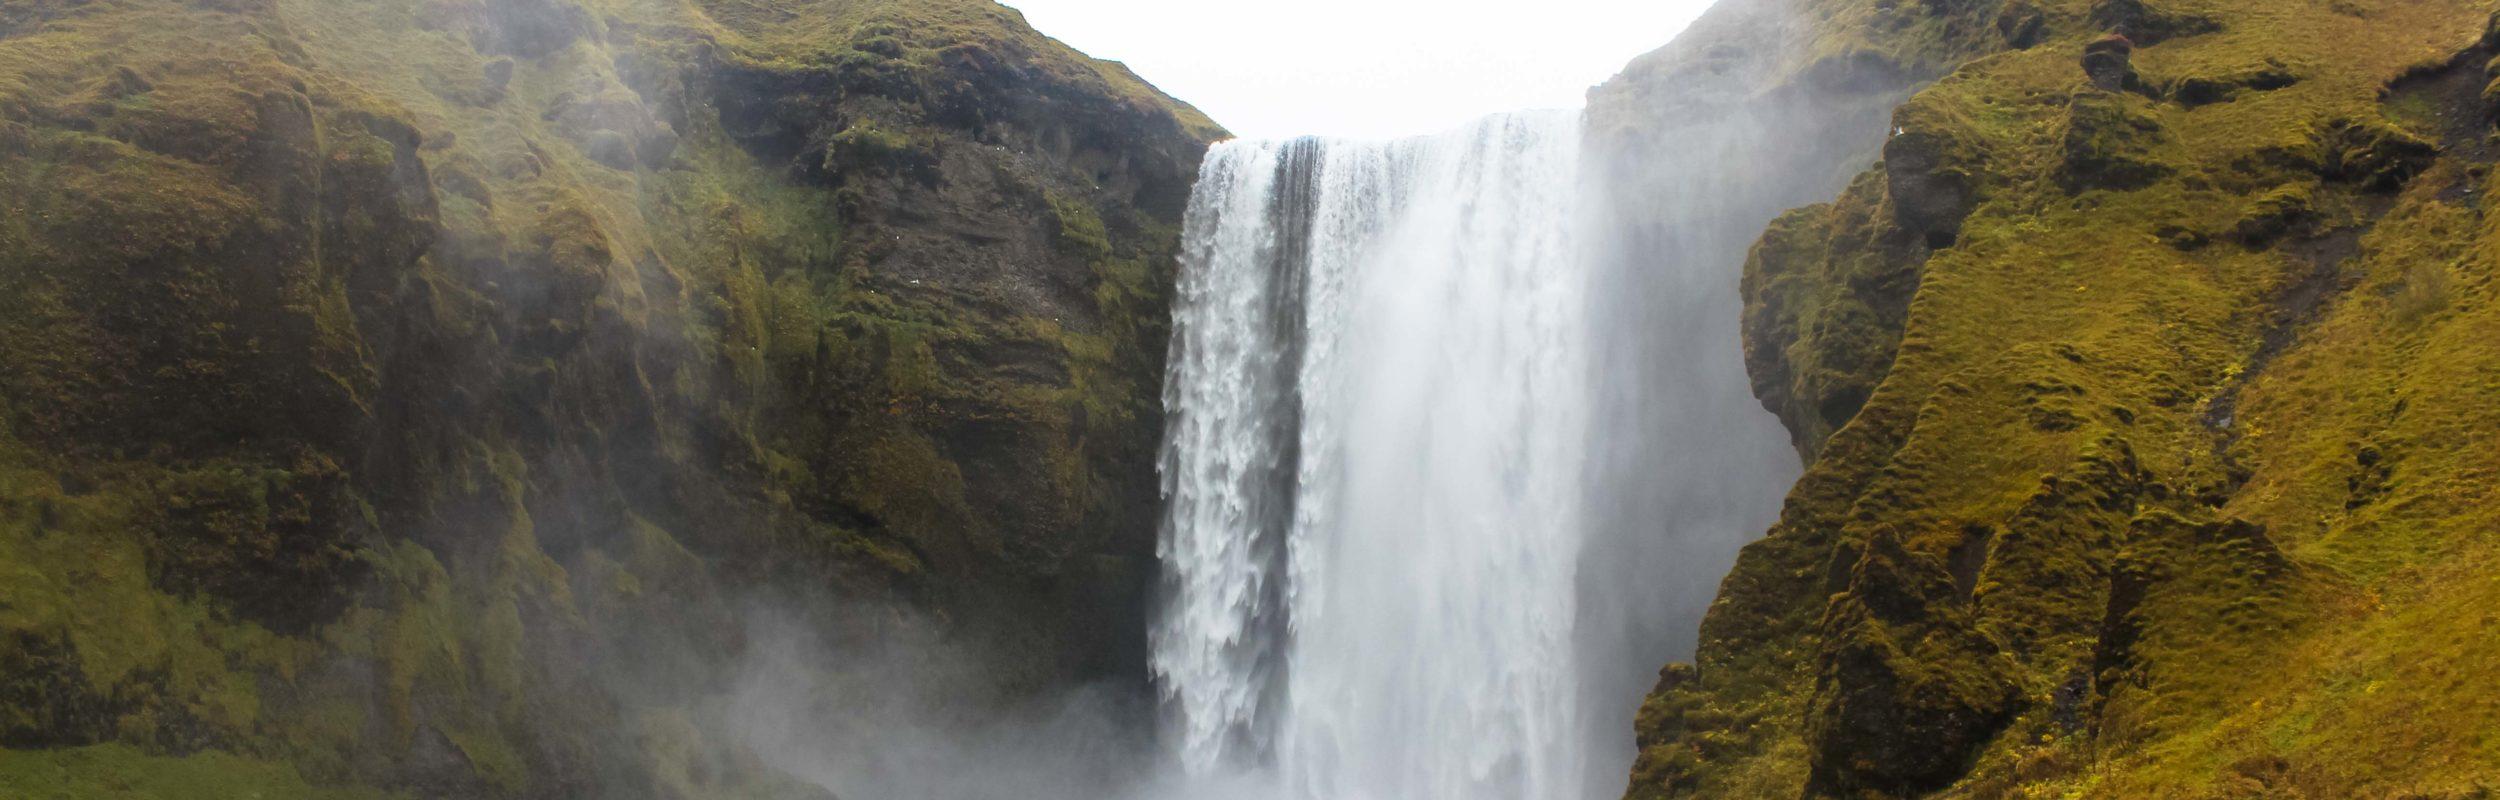 Une semaine en Islande #7 : Des chutes d'eau aux plages de sable noir de Dyrholaey